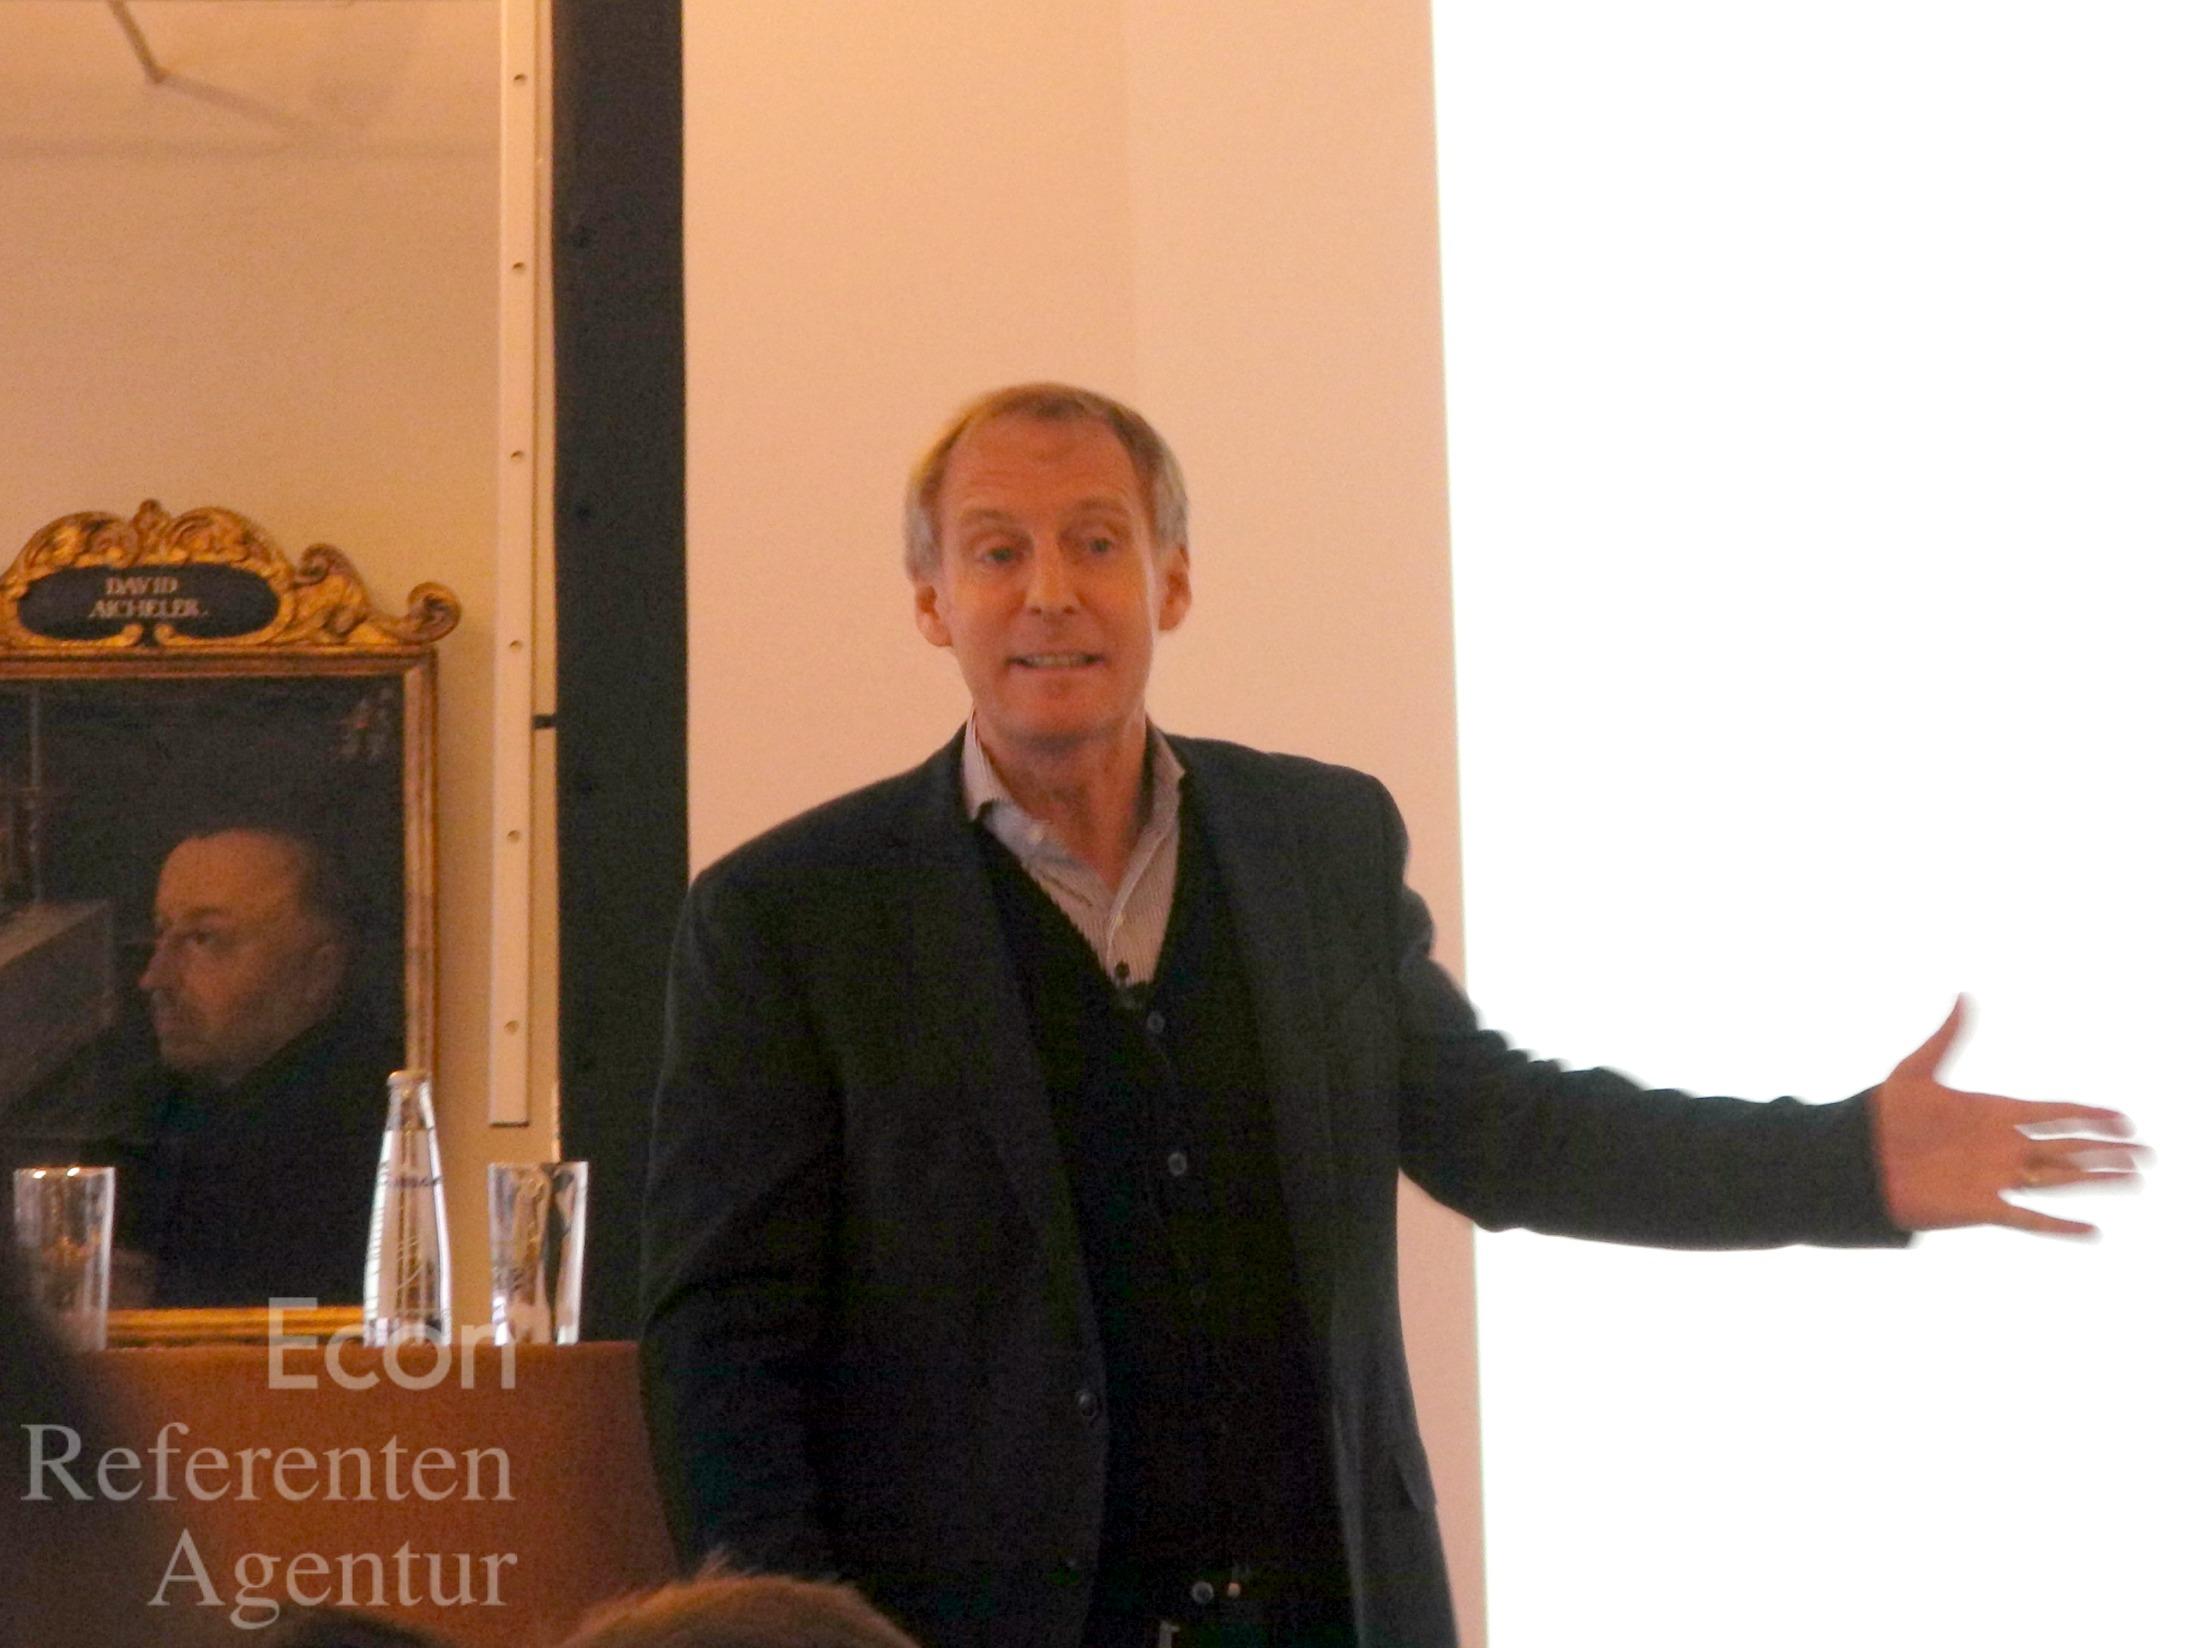 econ referenten_hans-dieter hermann_vortrag